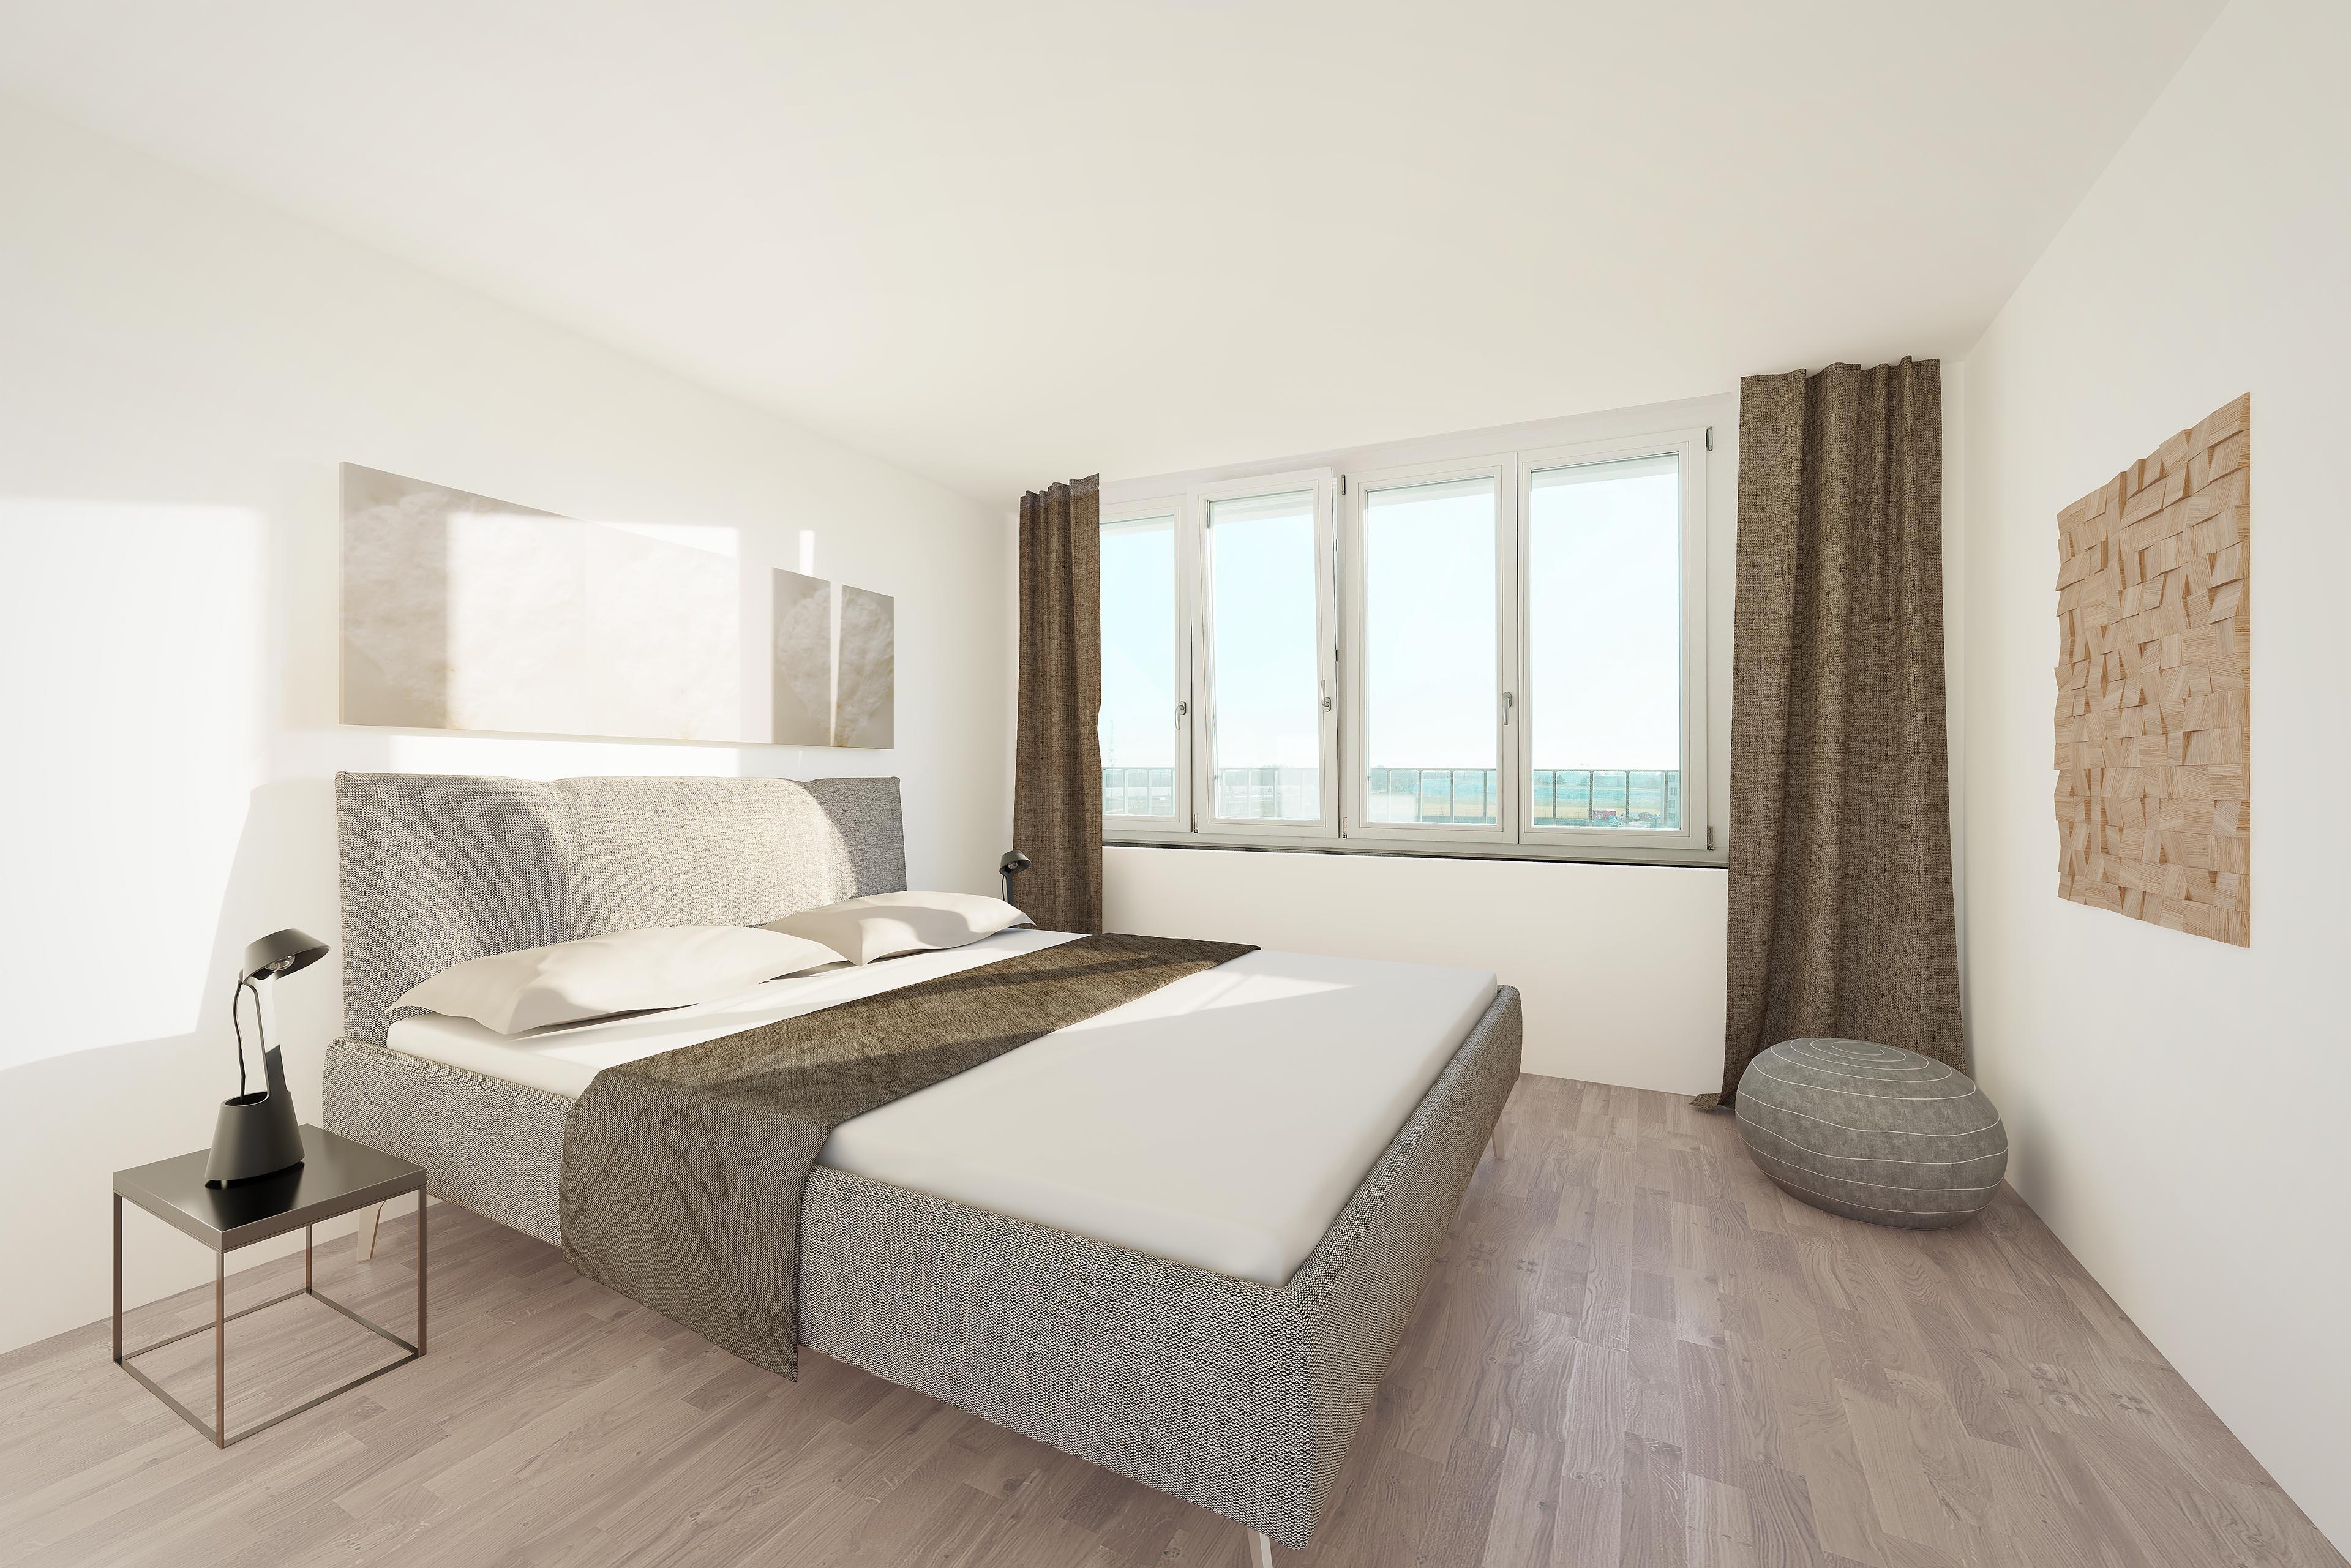 3d Visualisierung Schlafzimmer Pasing